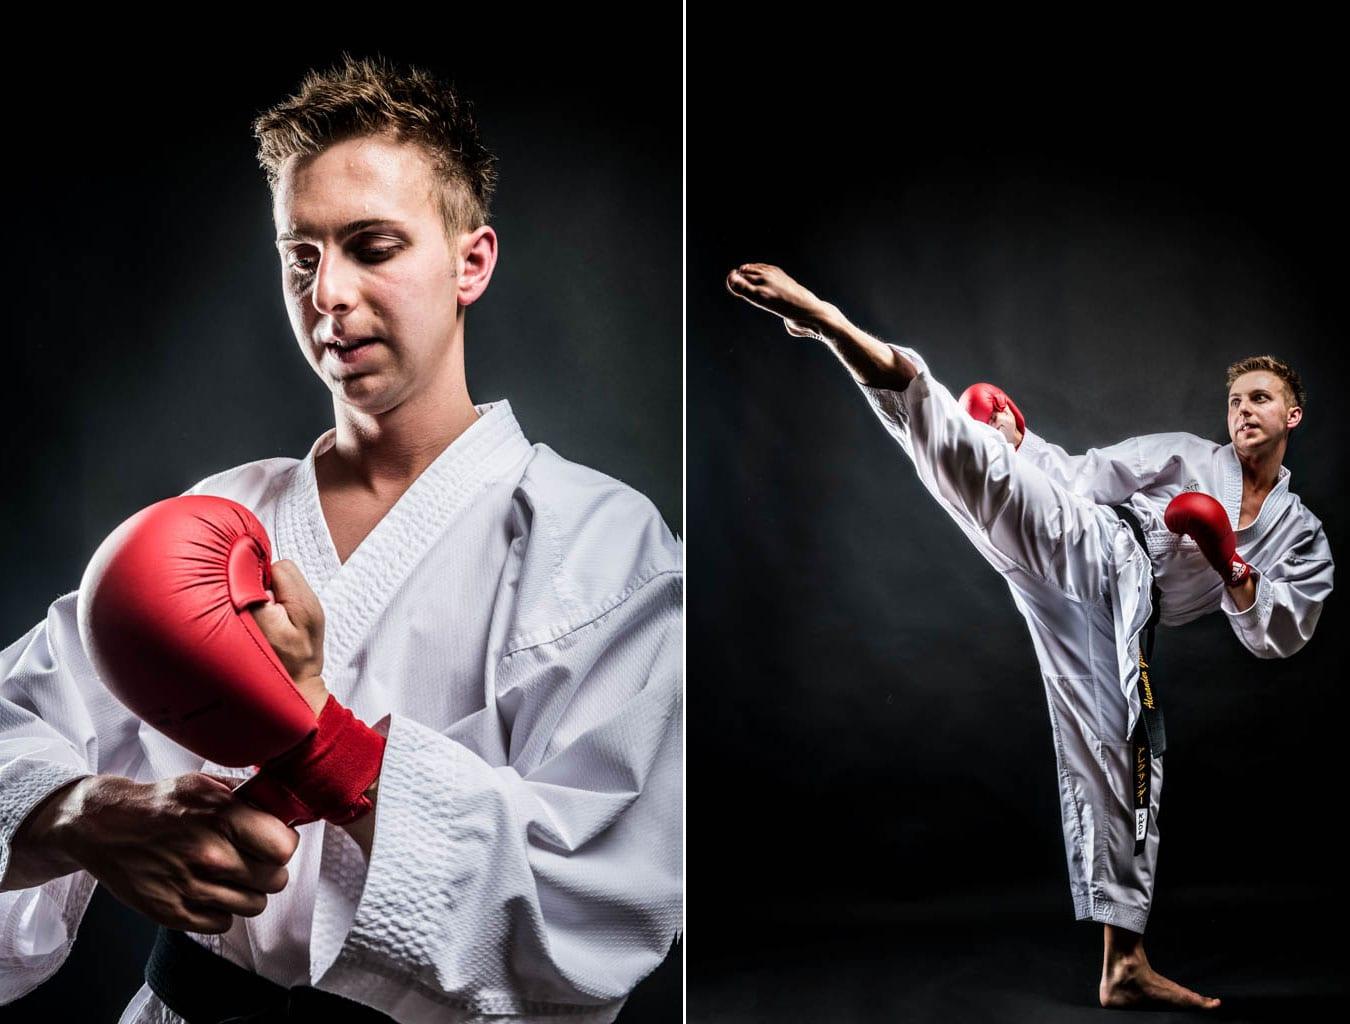 Athletenportraits für den Karateka Alexander Gstatter vom Karateclub Yoseikan, Sportfotograf Radstad, Karate